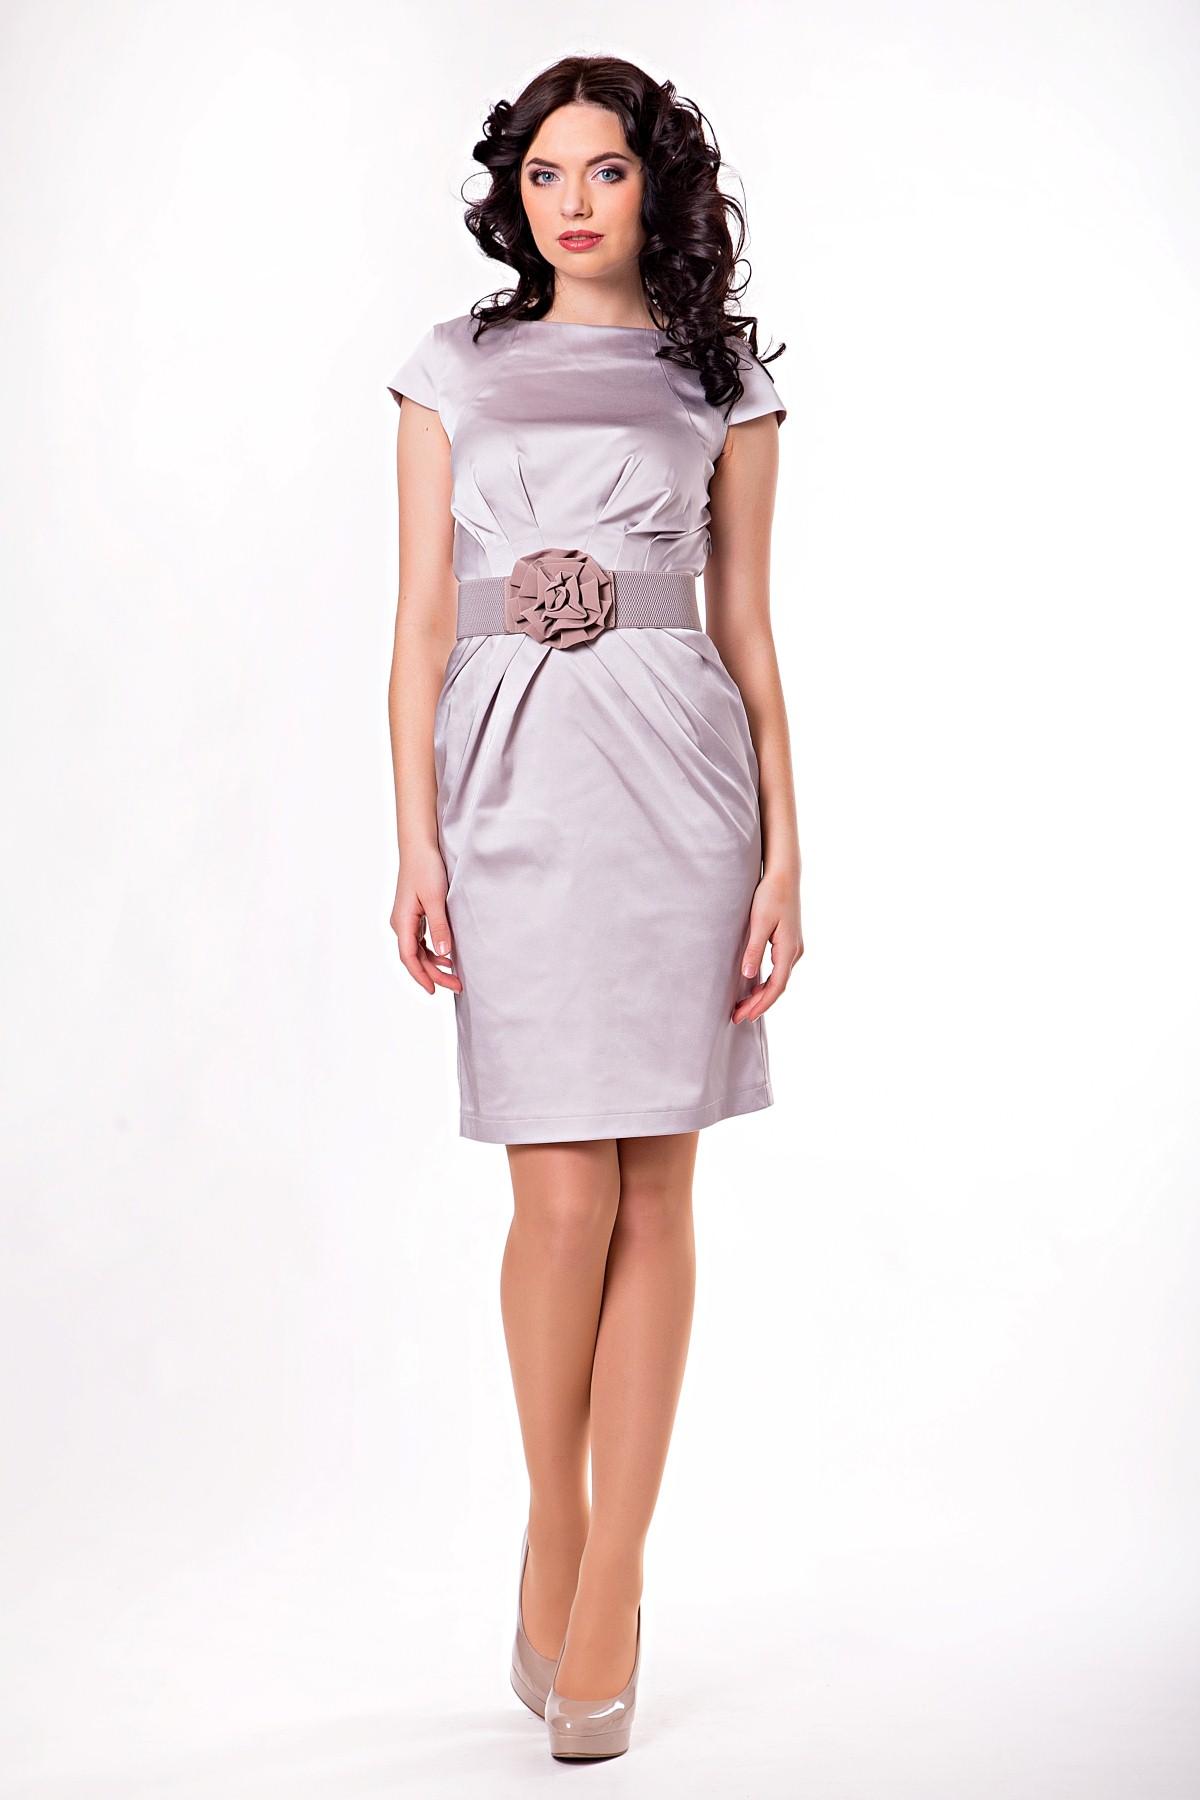 Филиграна Женская Одежда С Доставкой